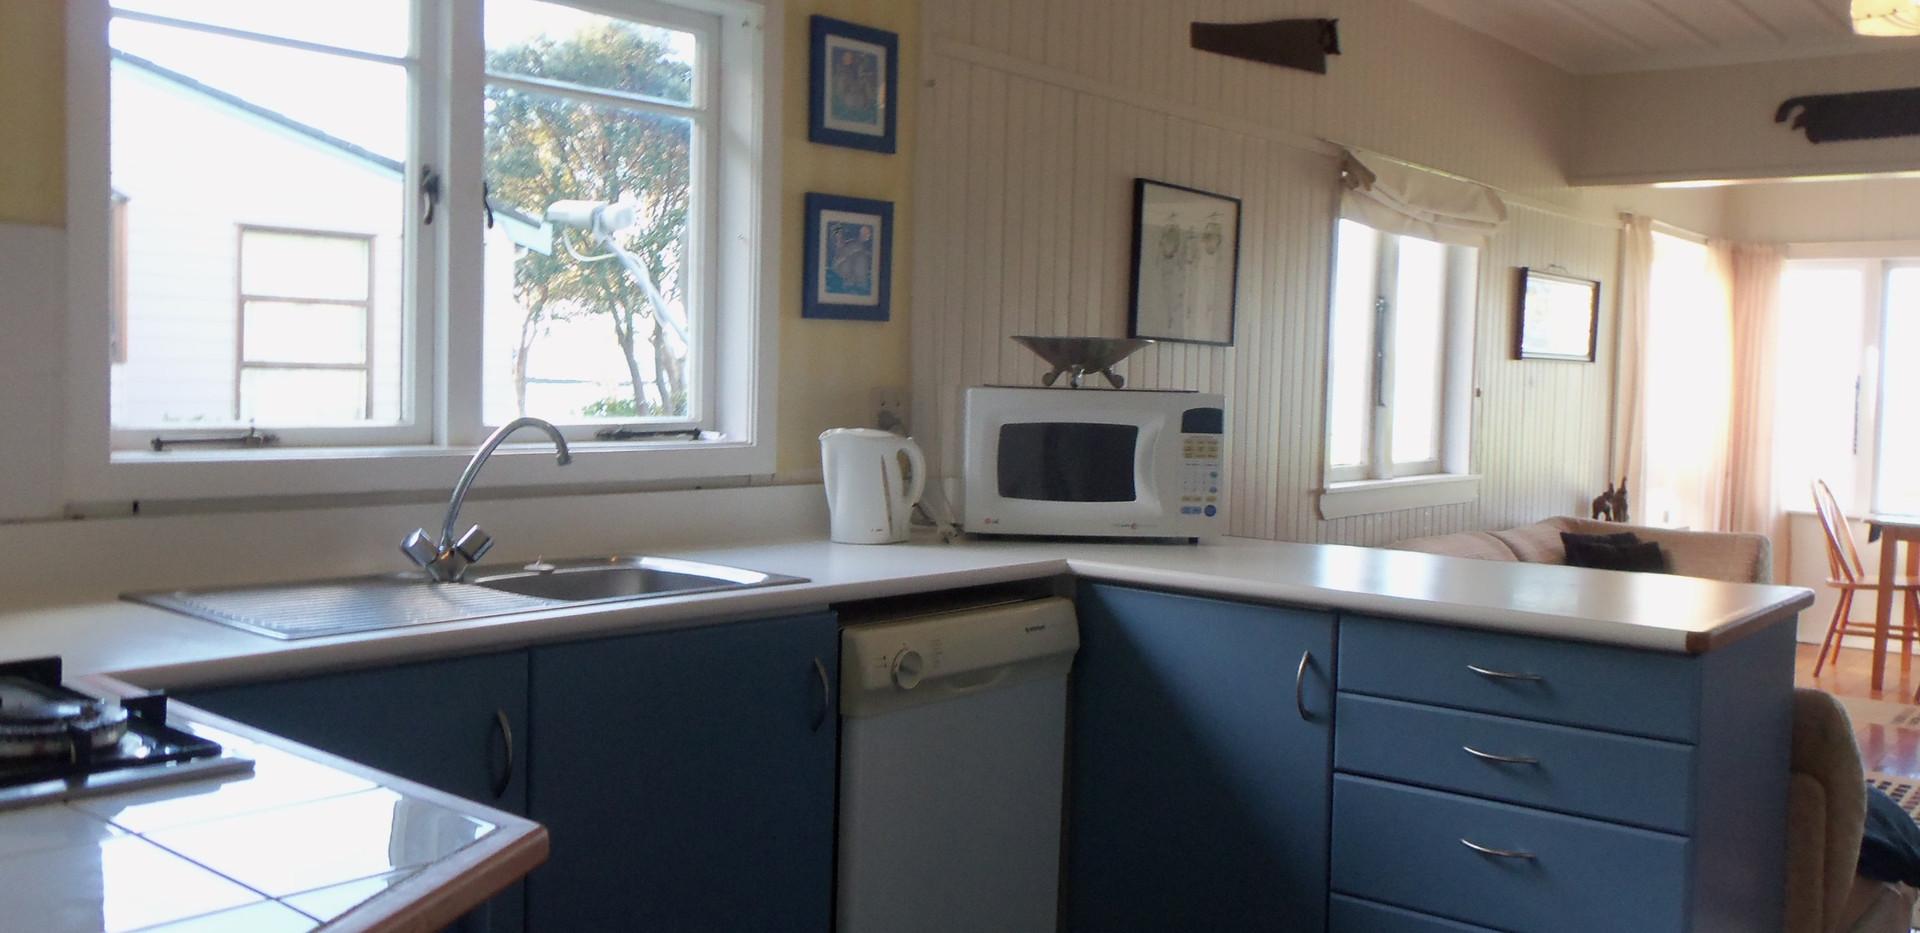 ref 41 kitchen